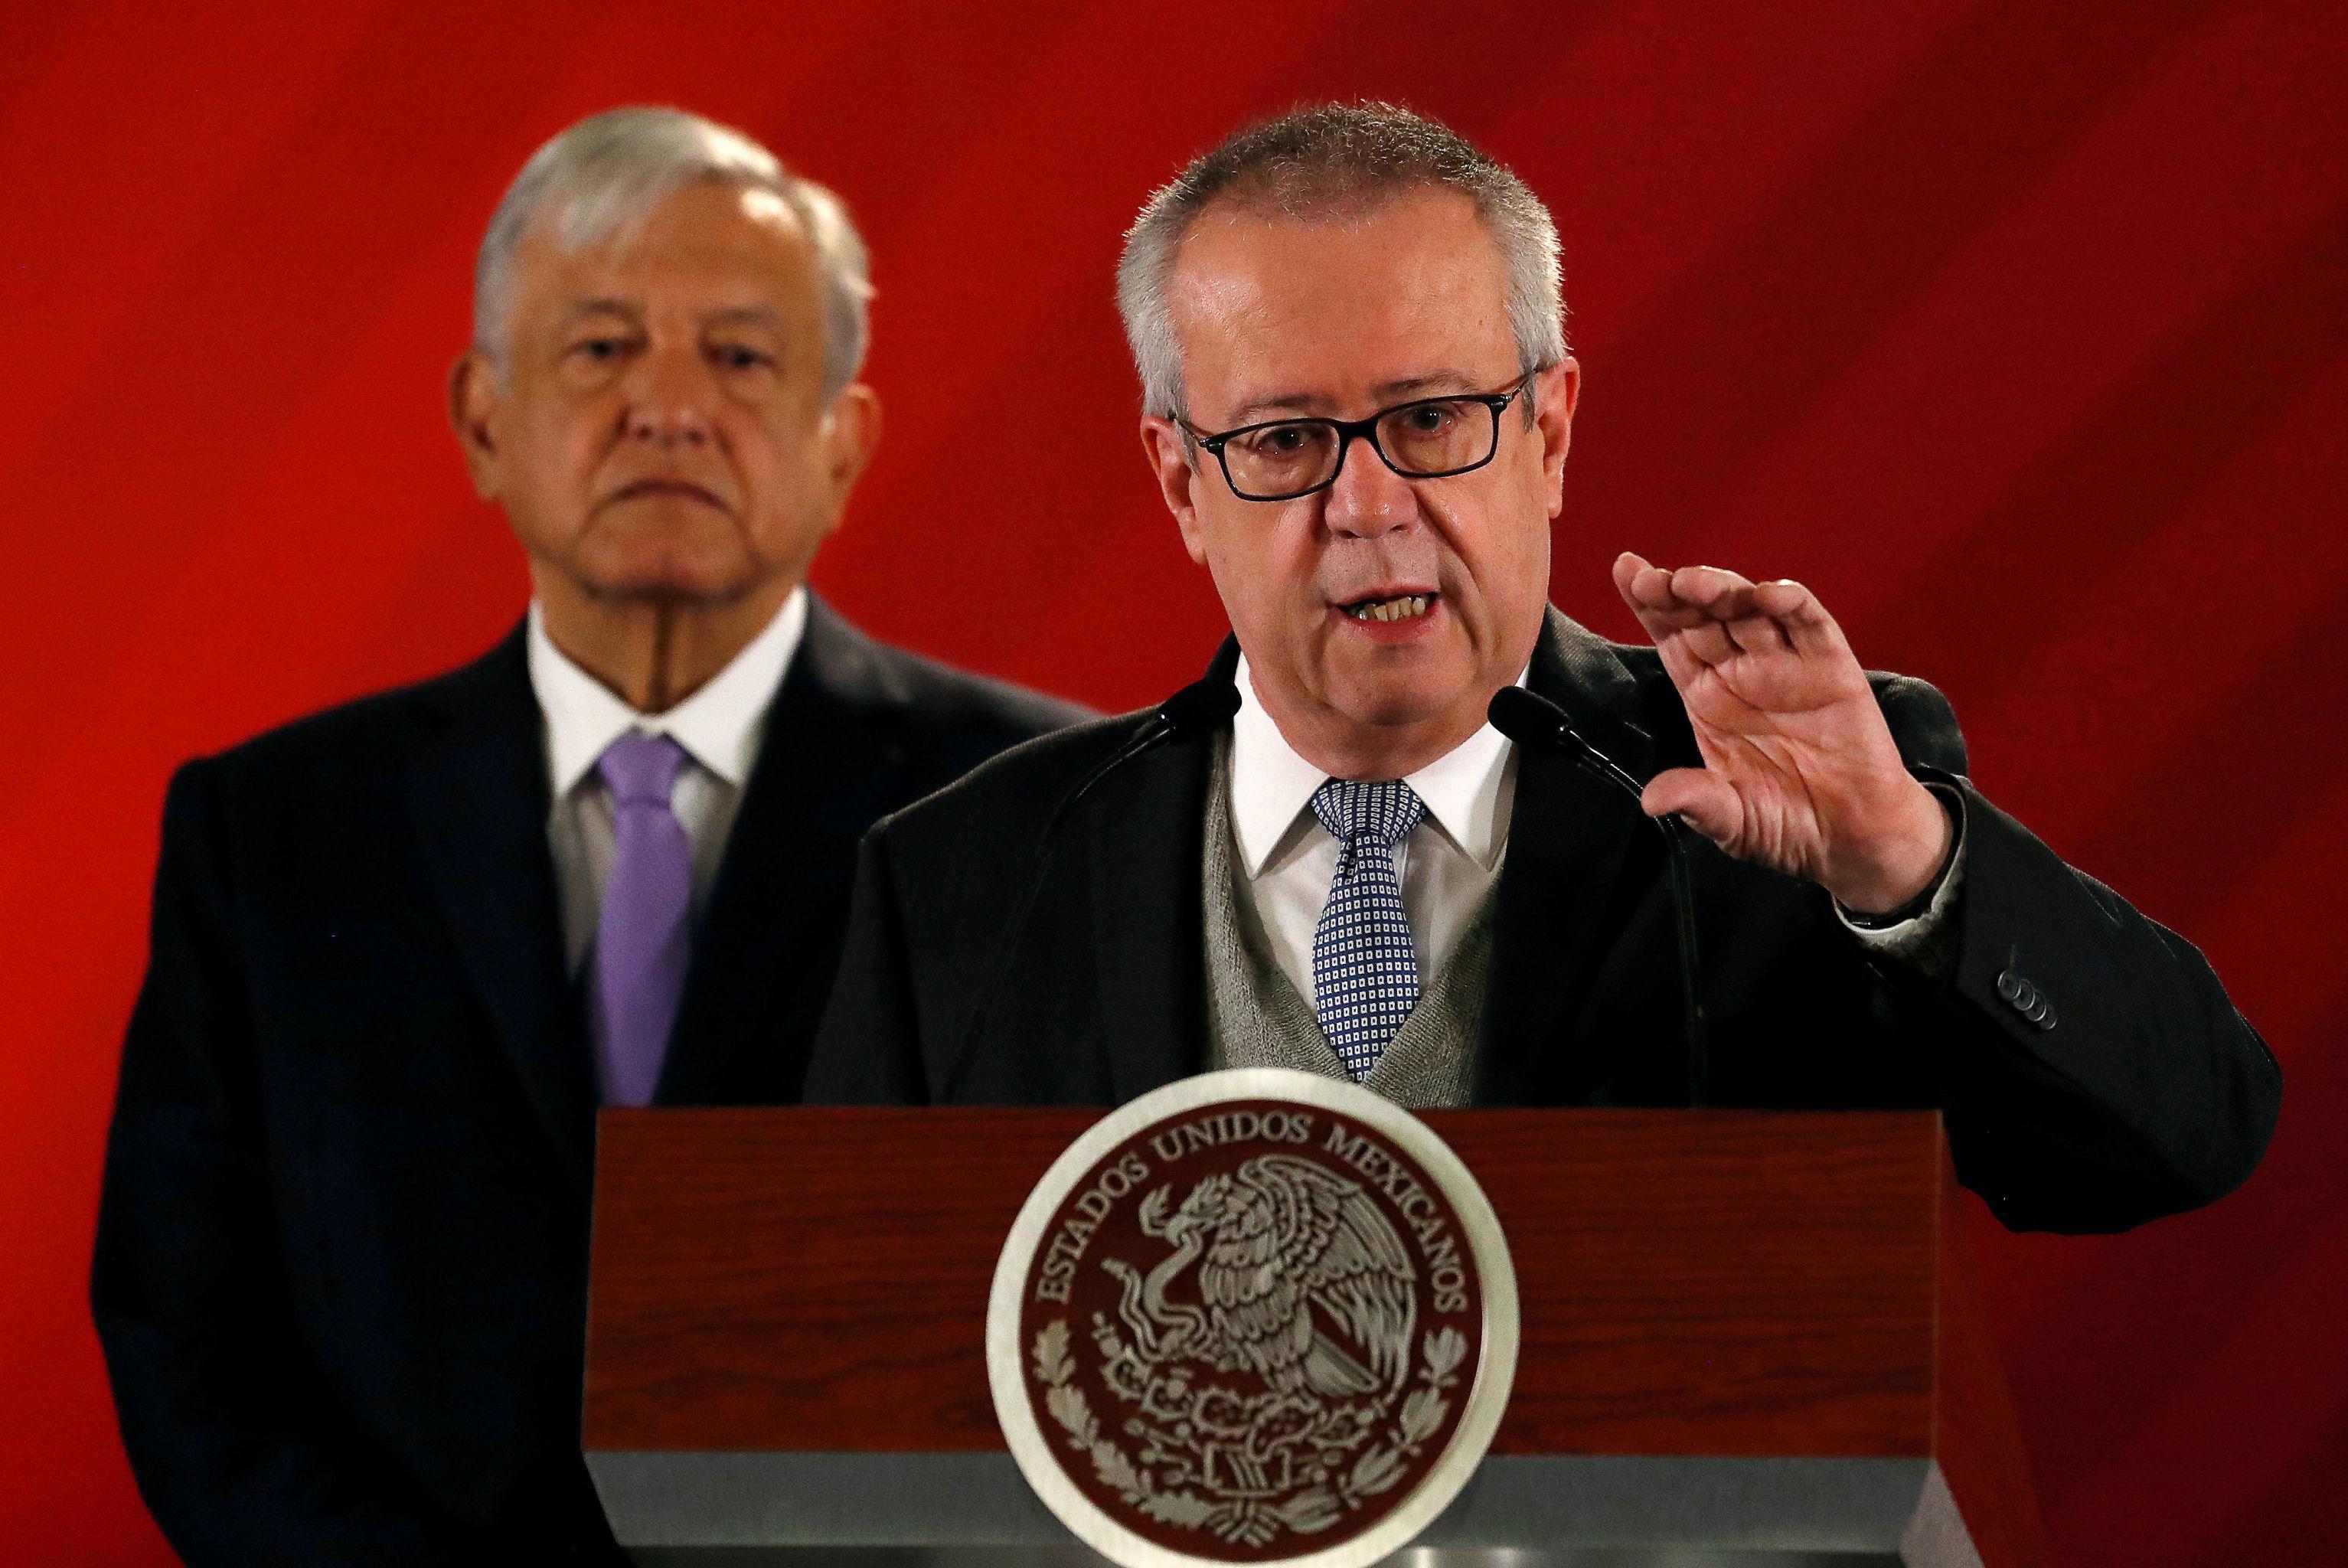 Exsecretario federal de Hacienda y Crédito Público, Carlos Urzúa, y el presidente de México, Andrés Manuel López Obrador